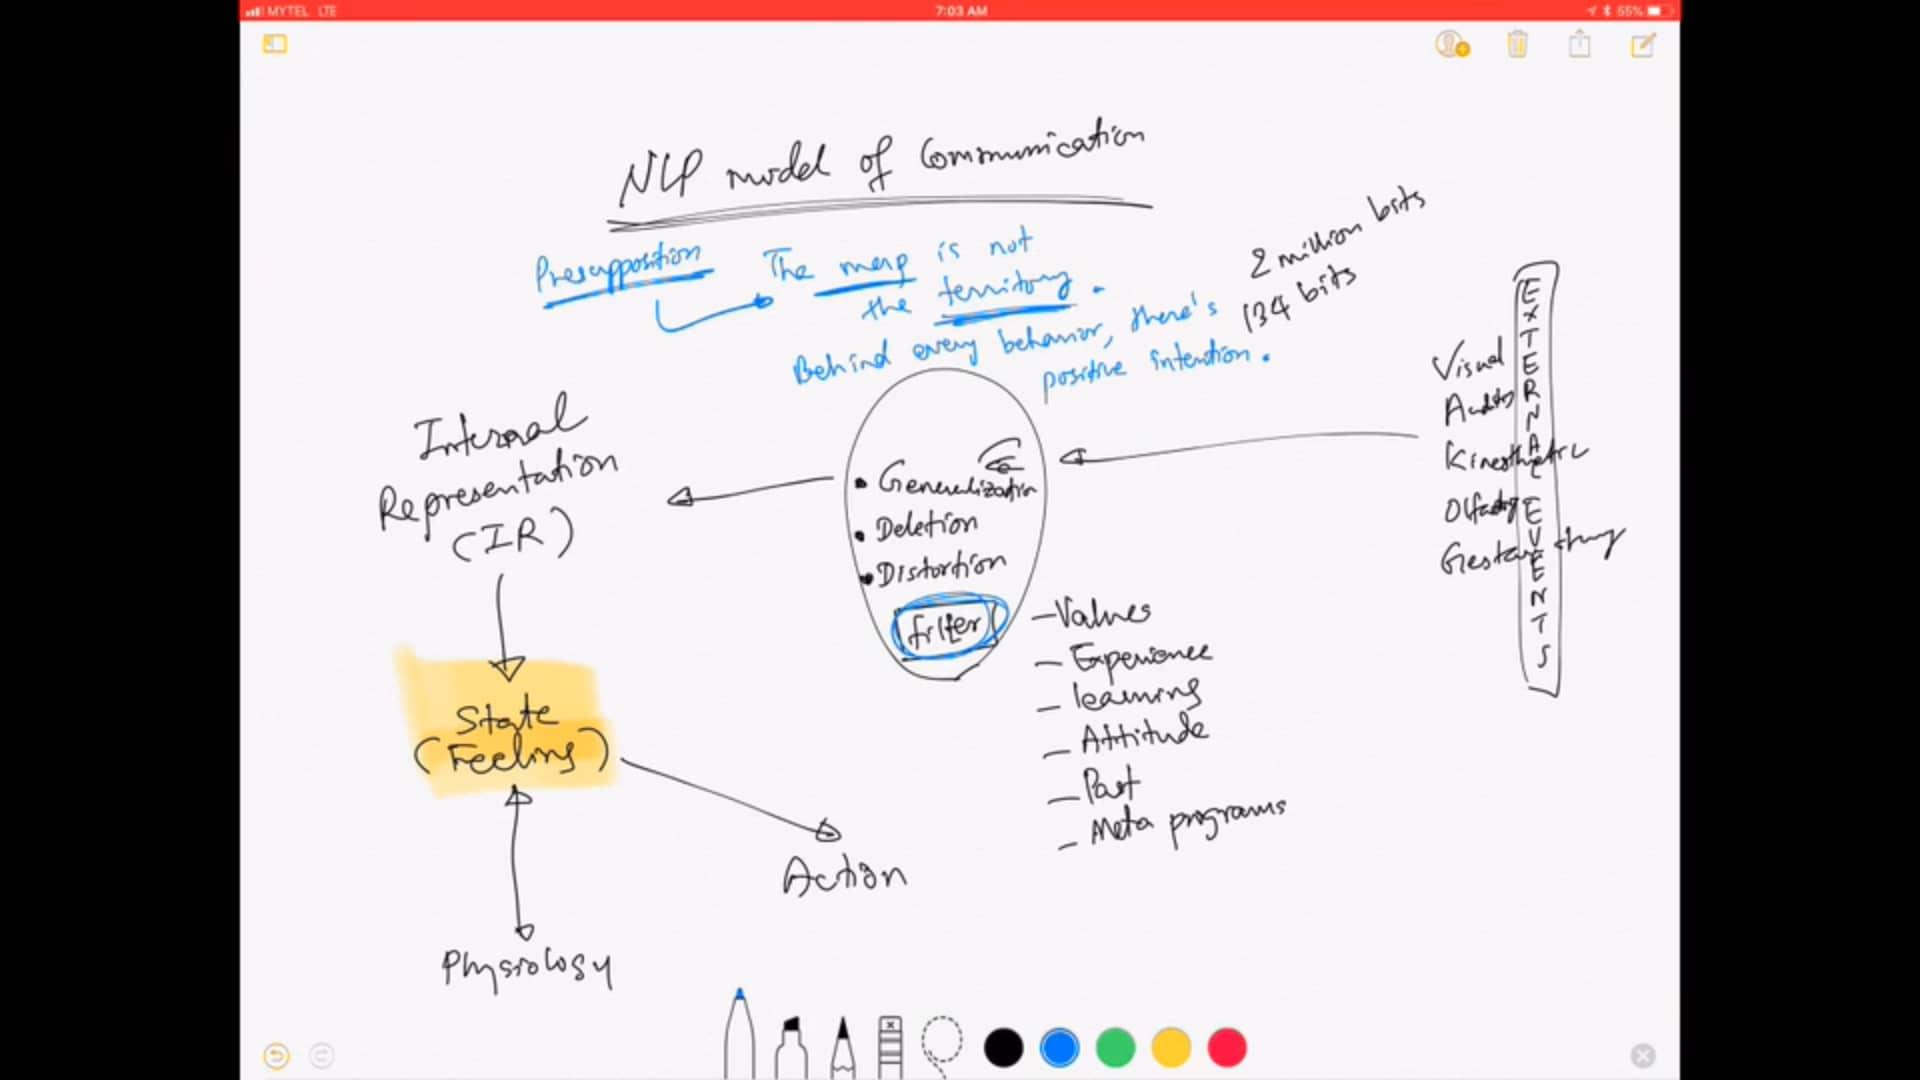 nlp 8 - model & presupposition